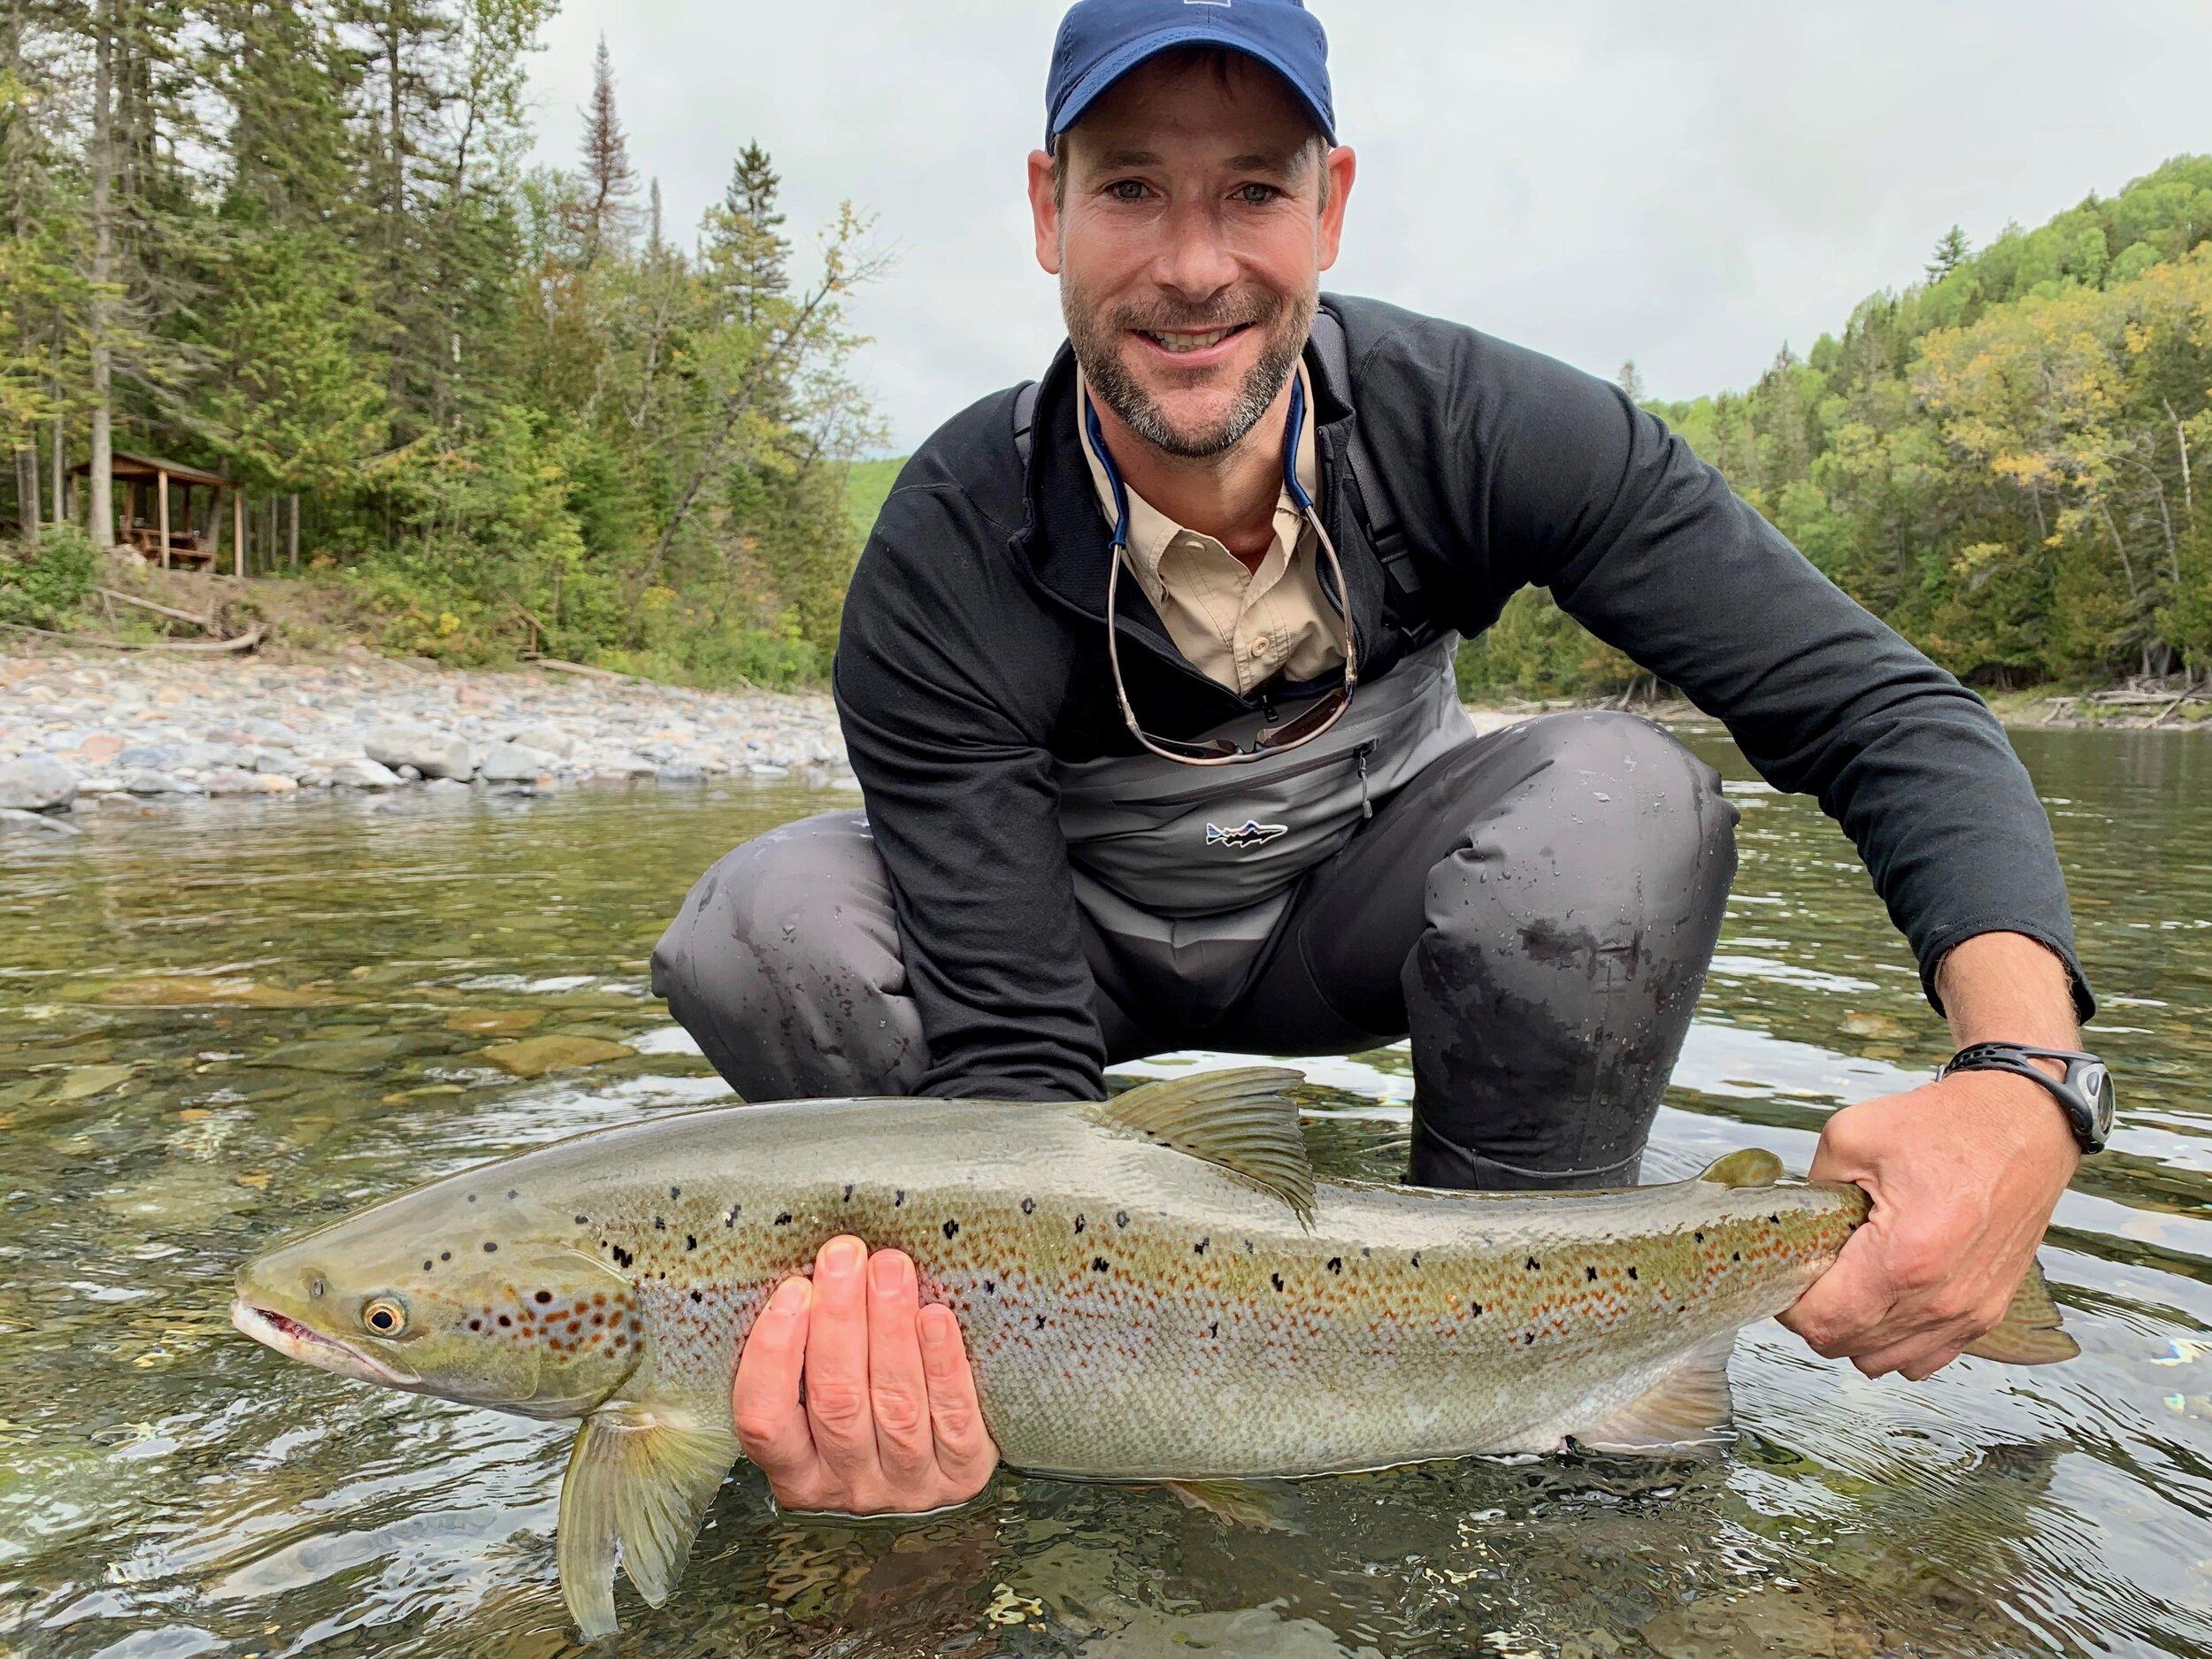 Nous avons accueilli Jamie Childs pour la première fois cette semaine au Camp Bonaventure. Le voici avec un beau saumon capturé dans la rivière Bonaventure. Bien joué, Jamie!